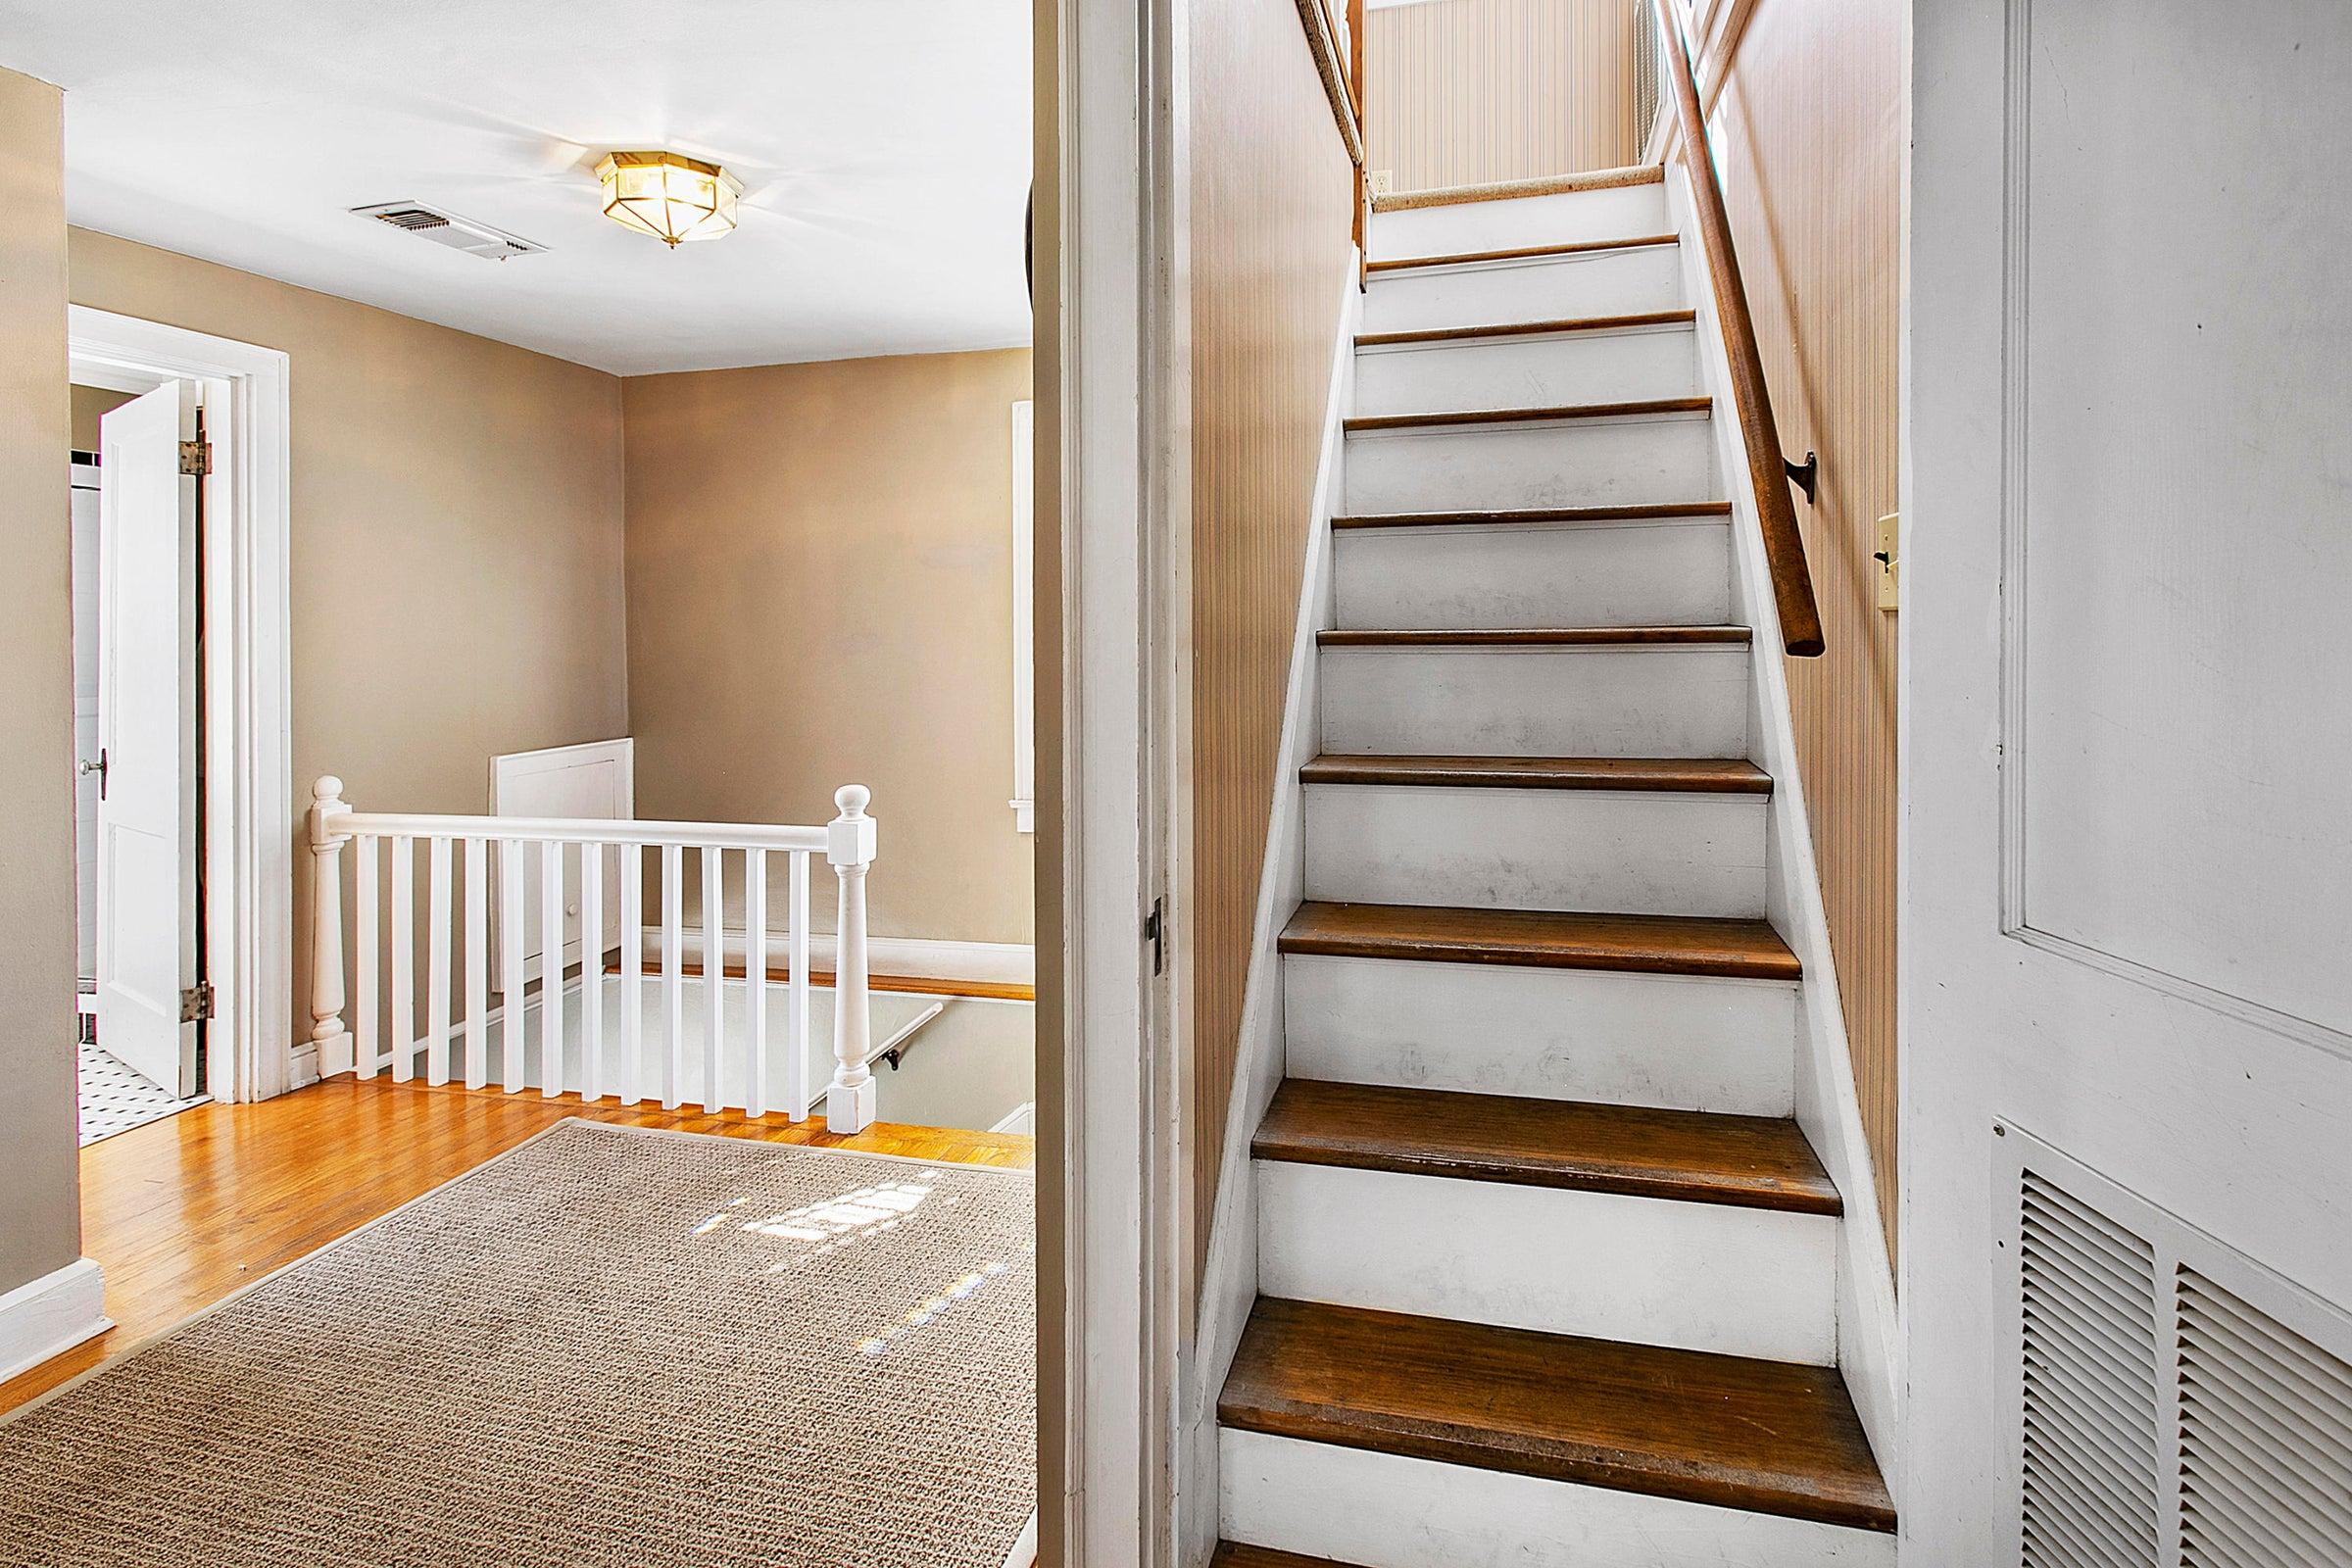 3rd Floor Stairway